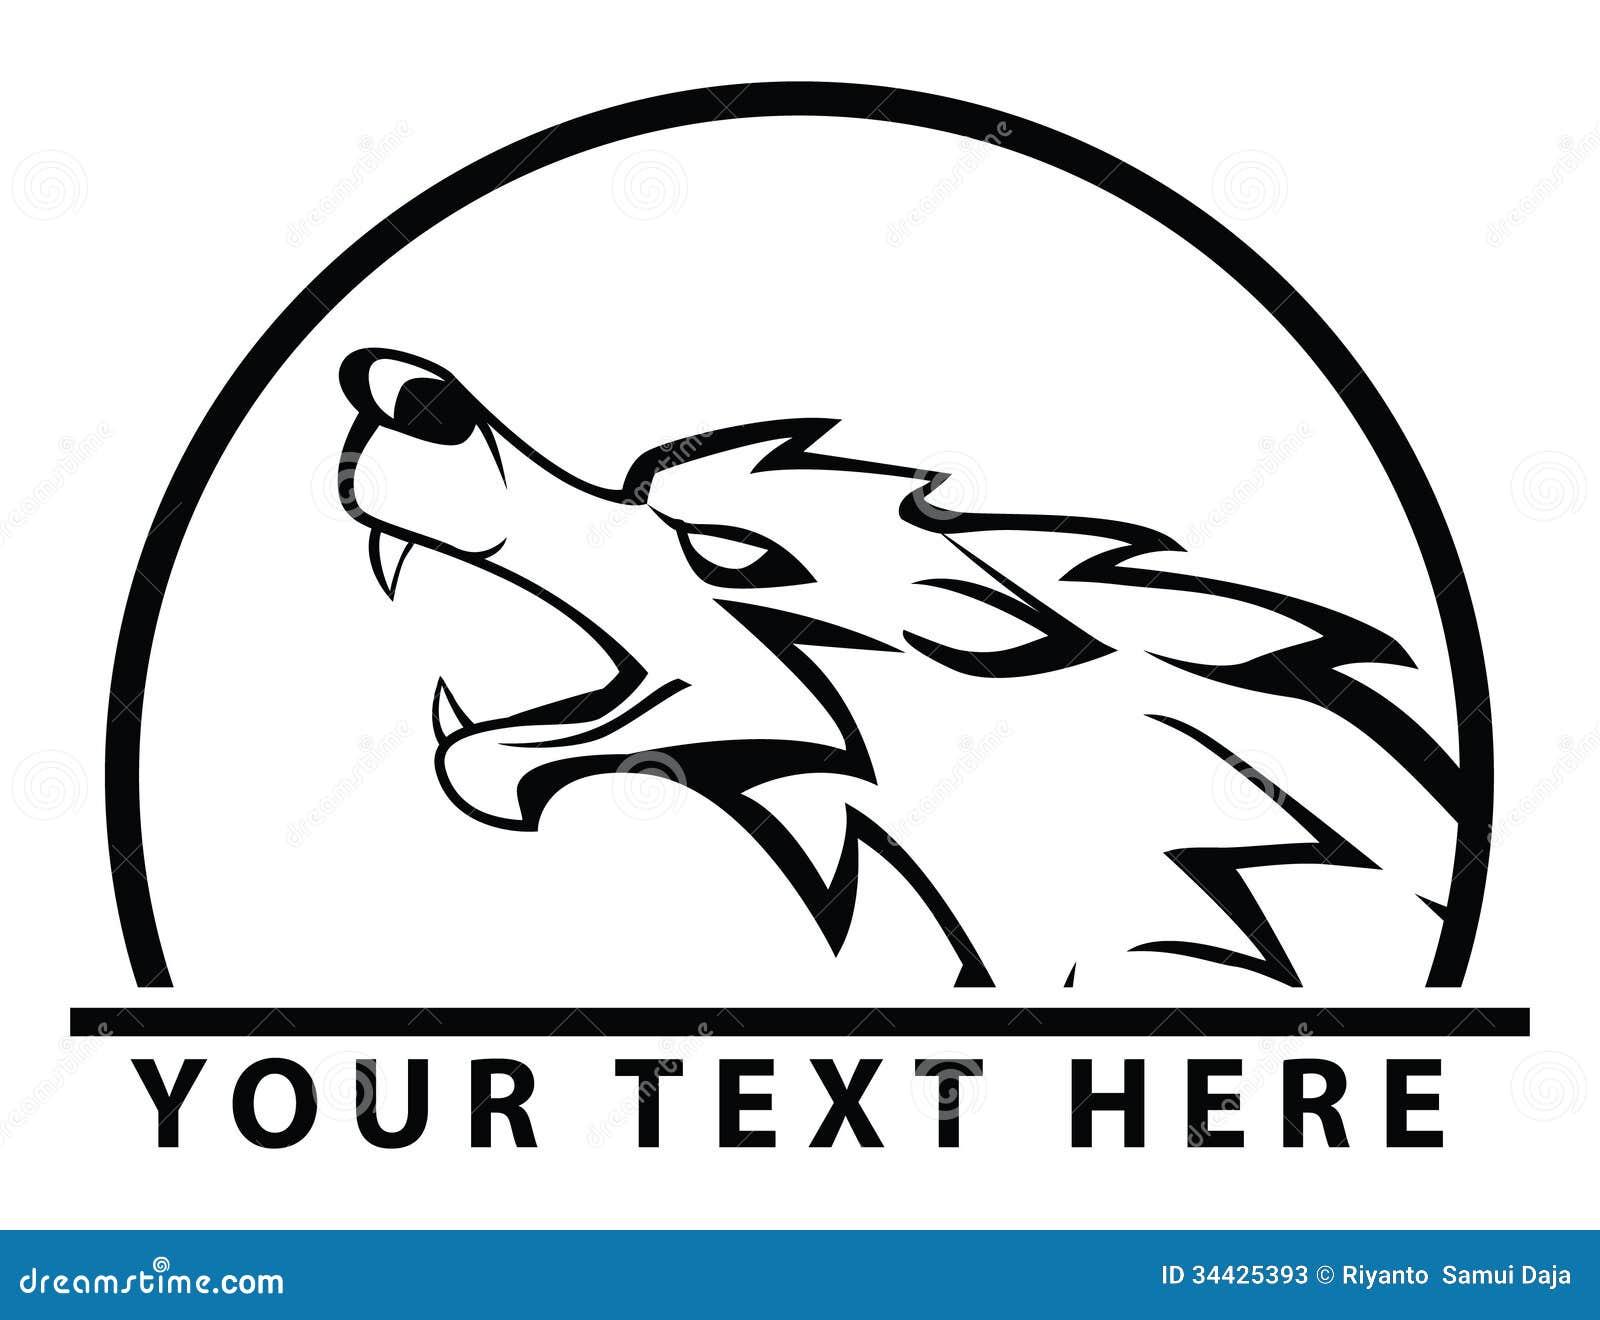 狼标志图片